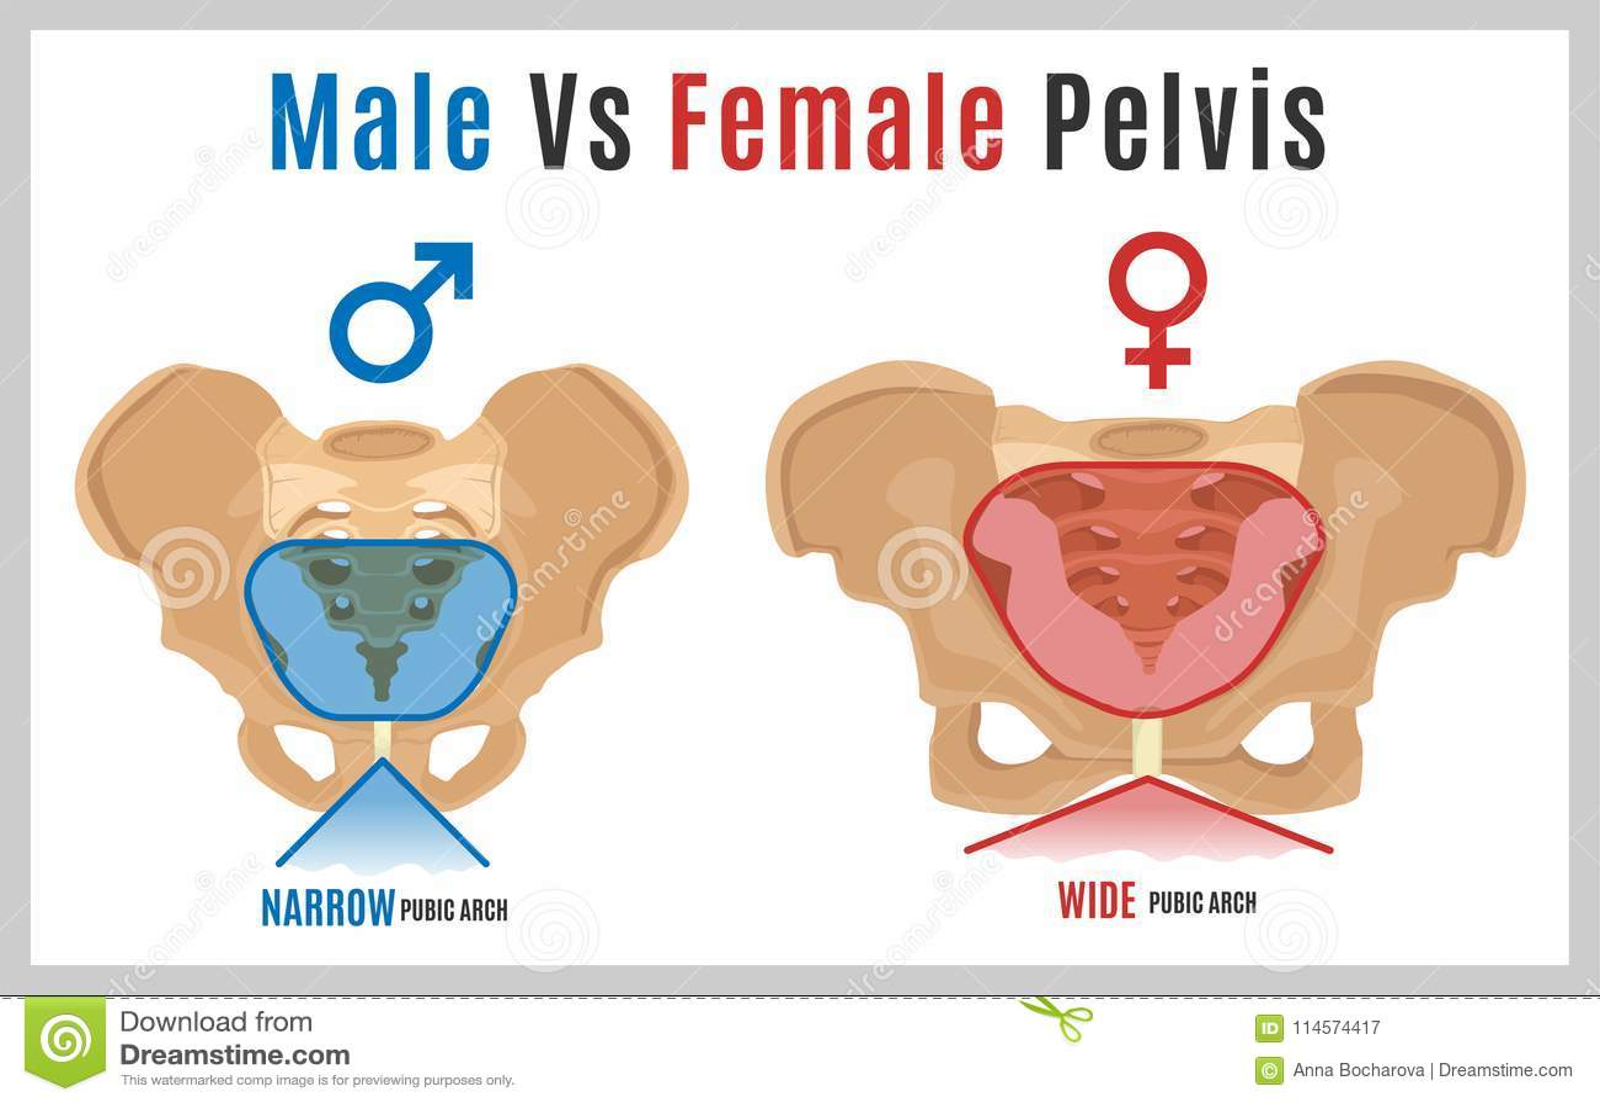 Pelvis narrow anatomically